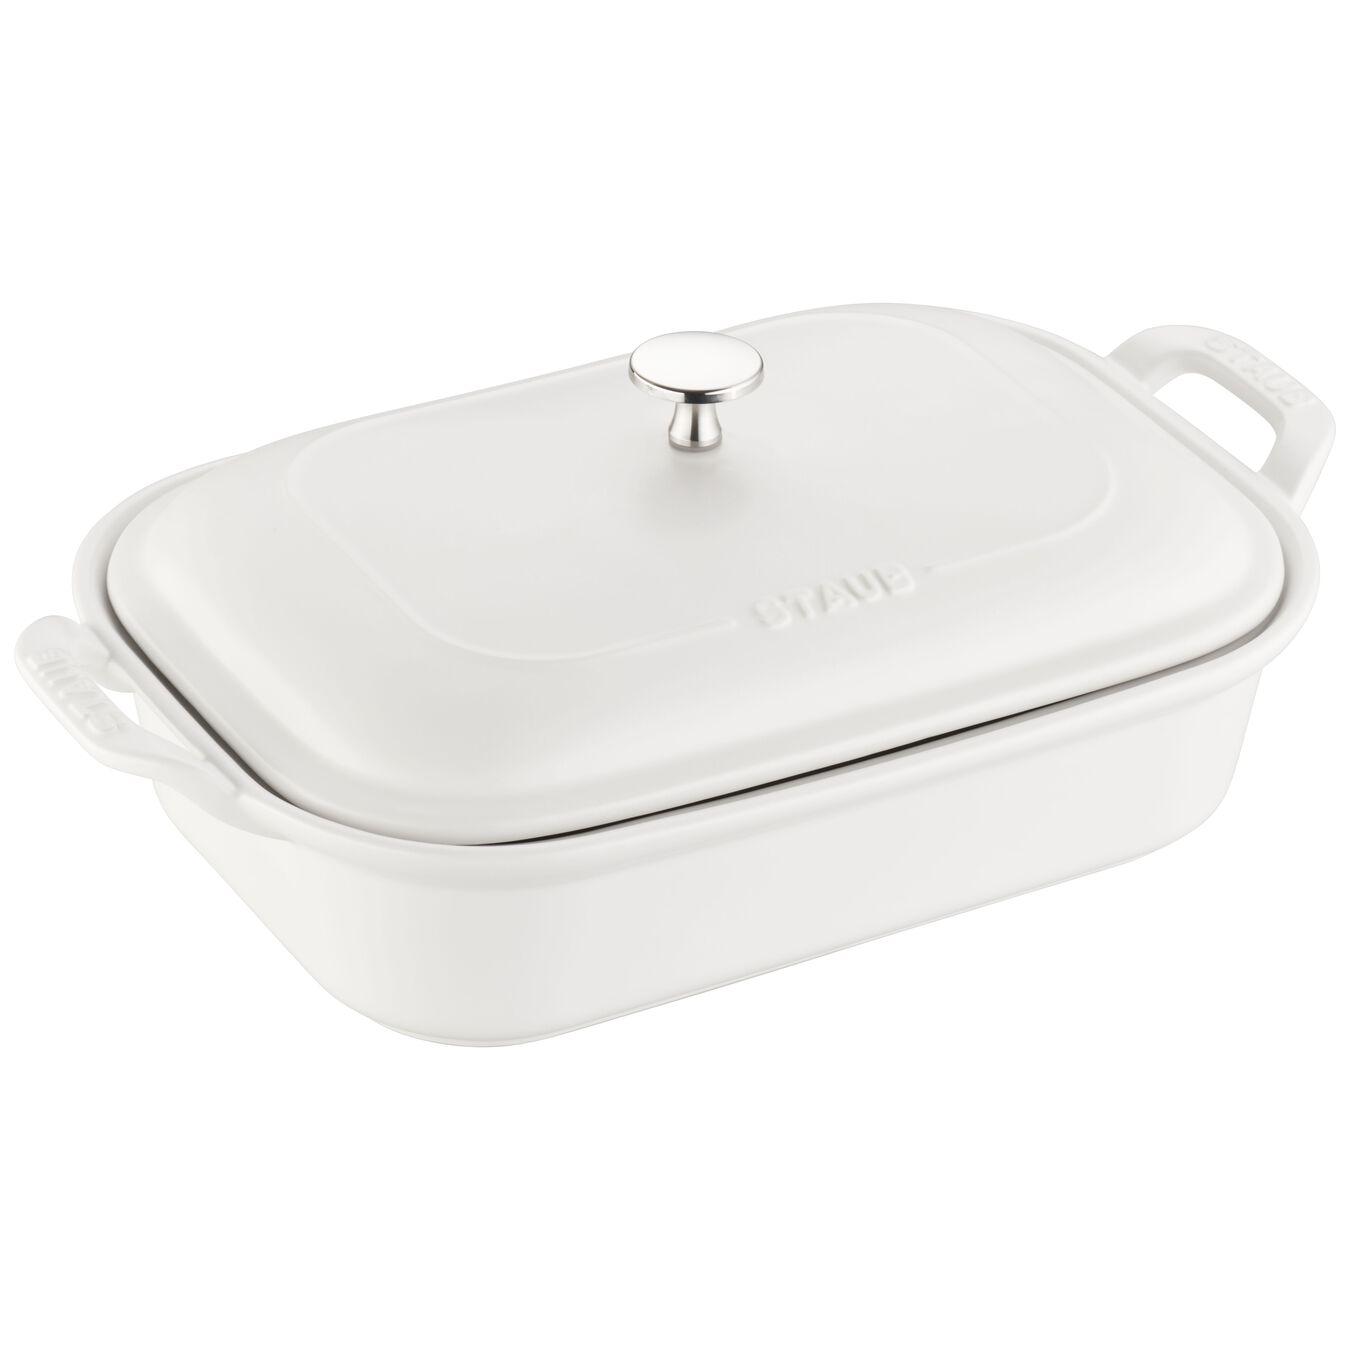 Ceramic rectangular Special shape bakeware, Matte-White,,large 1